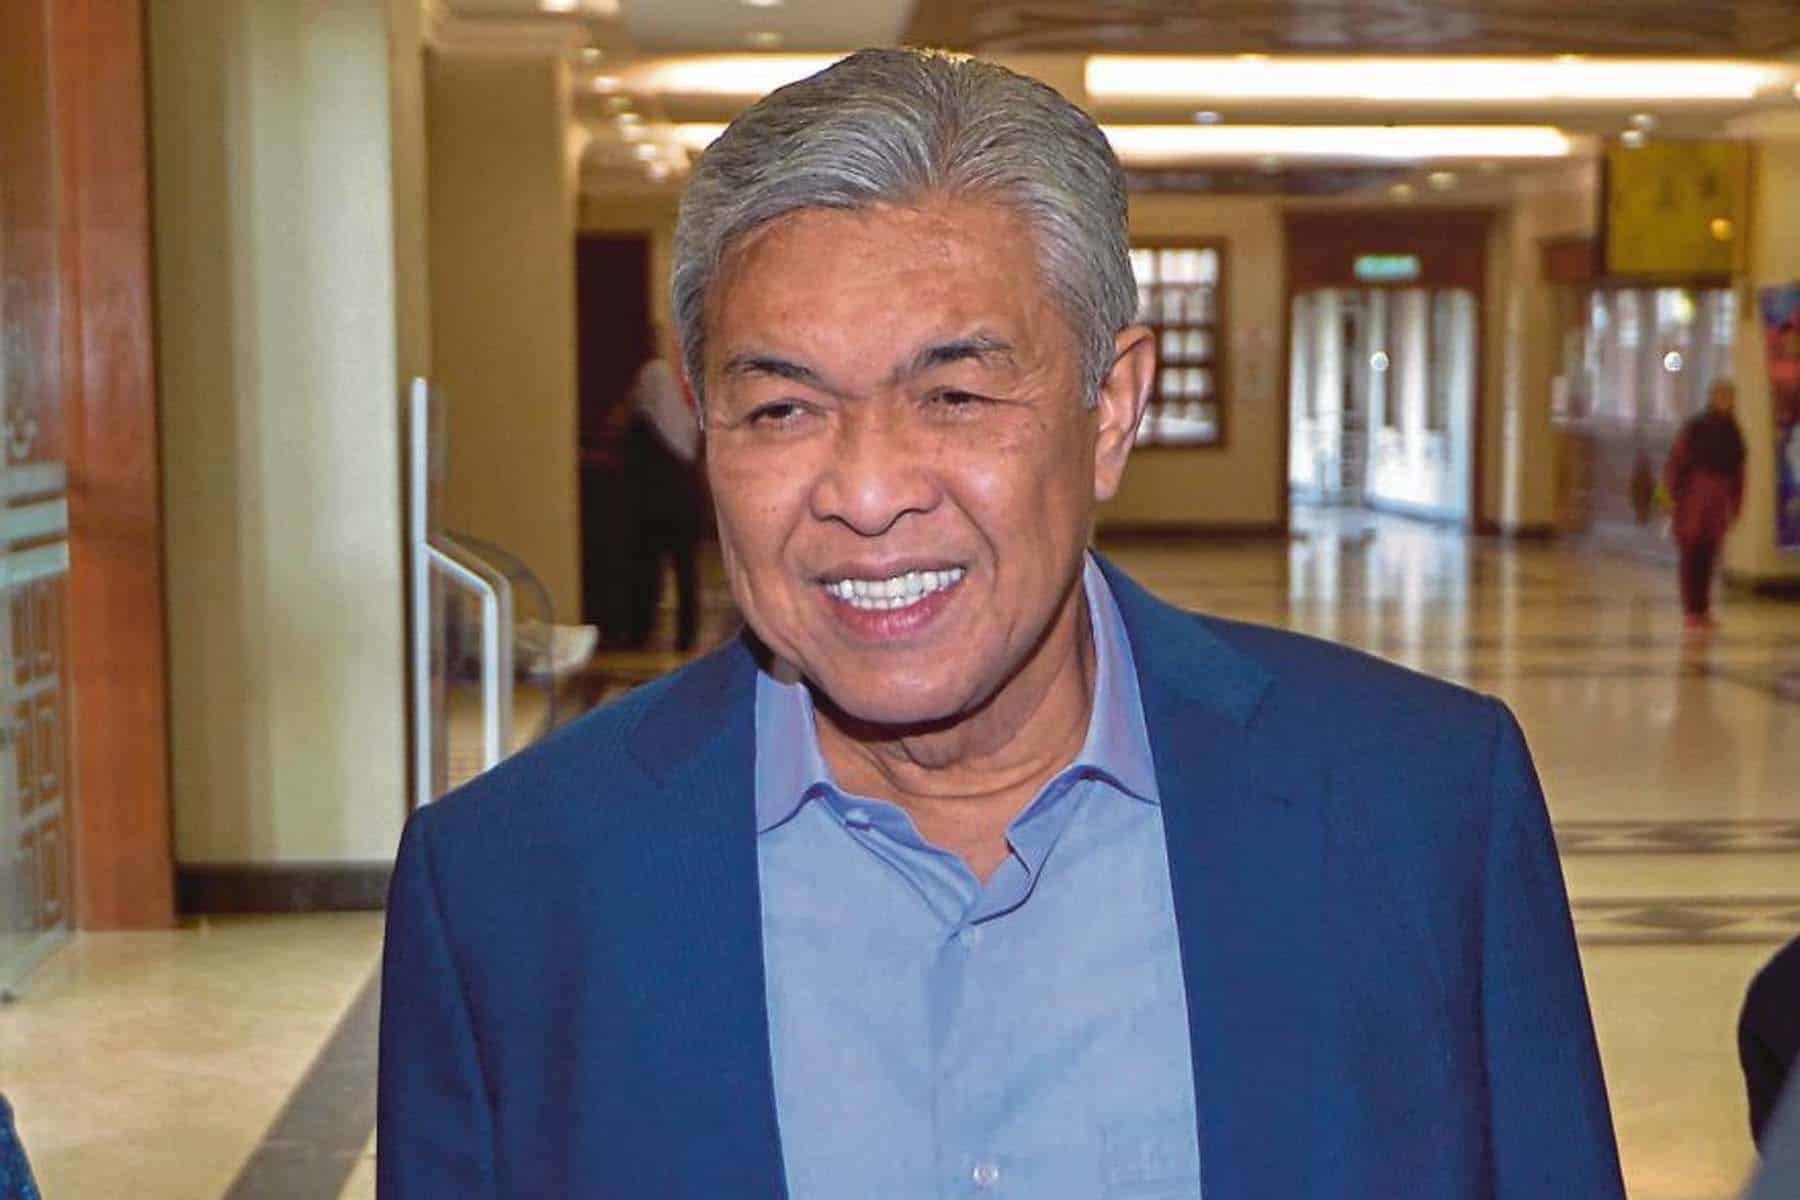 Ahli Parlimen BN setuju sokong Belanjawan 2021 bersyarat – zahid